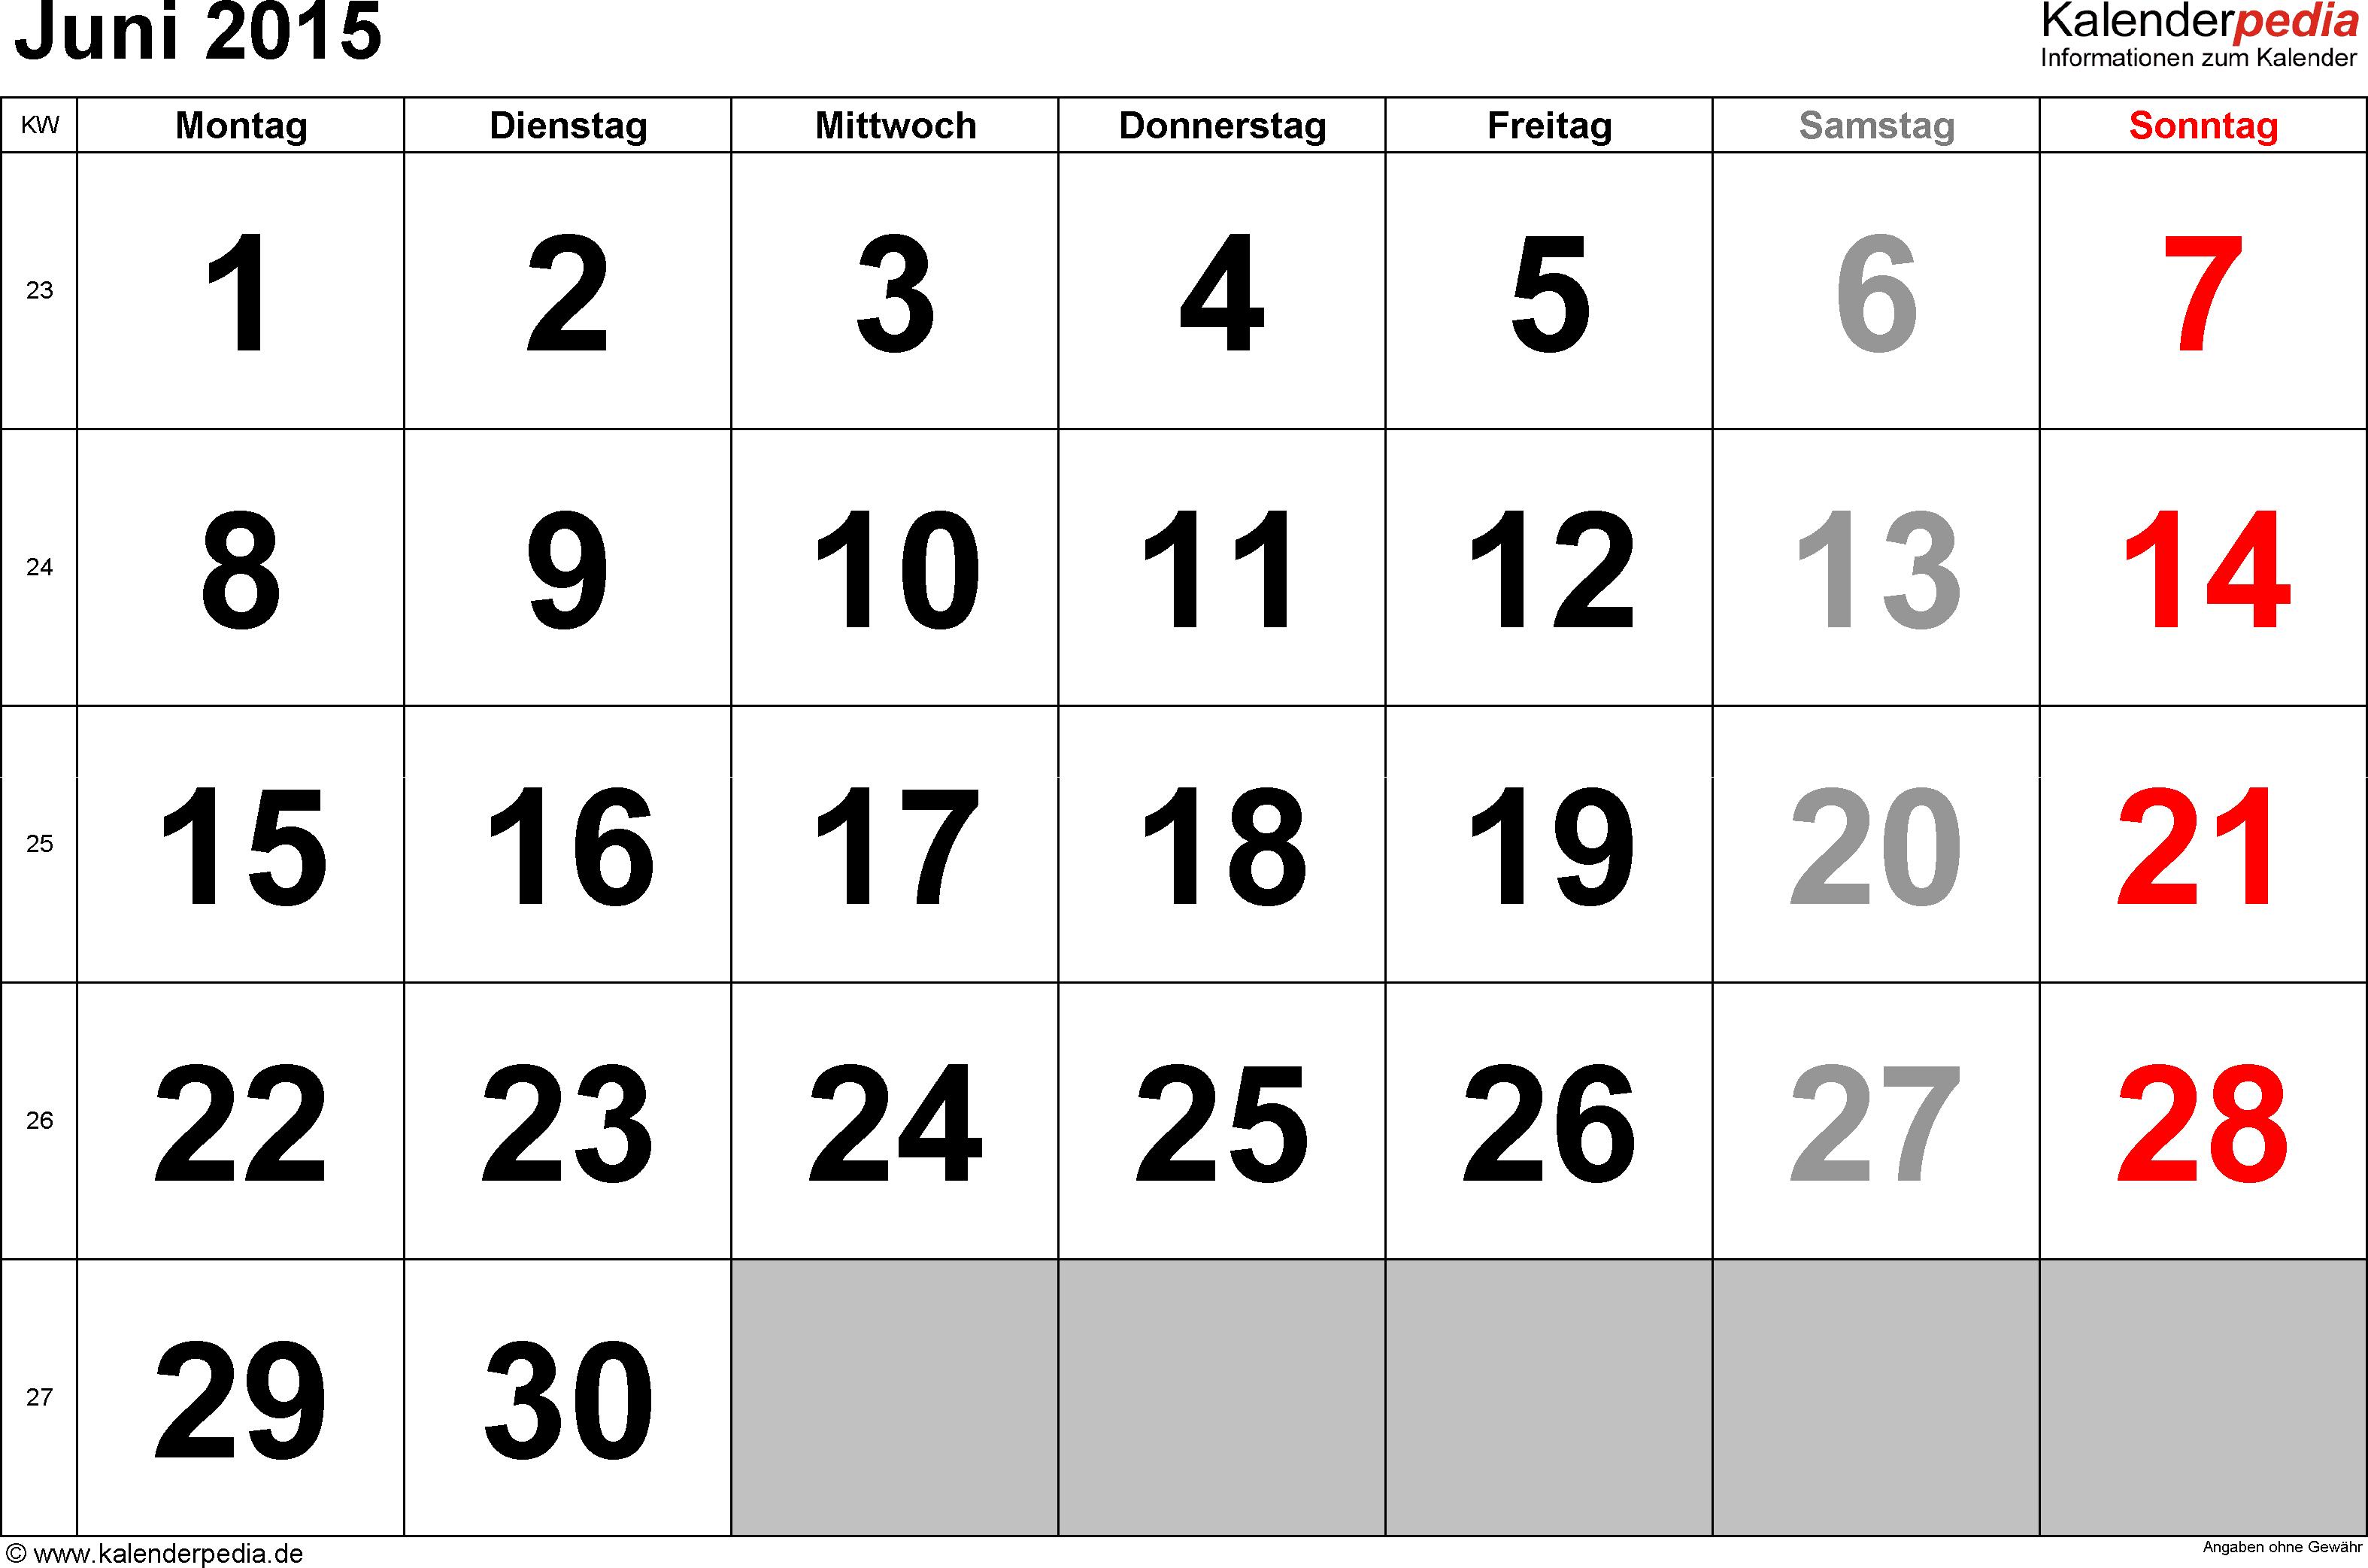 Kalender Juni 2015 im Querformat, grosse Ziffern